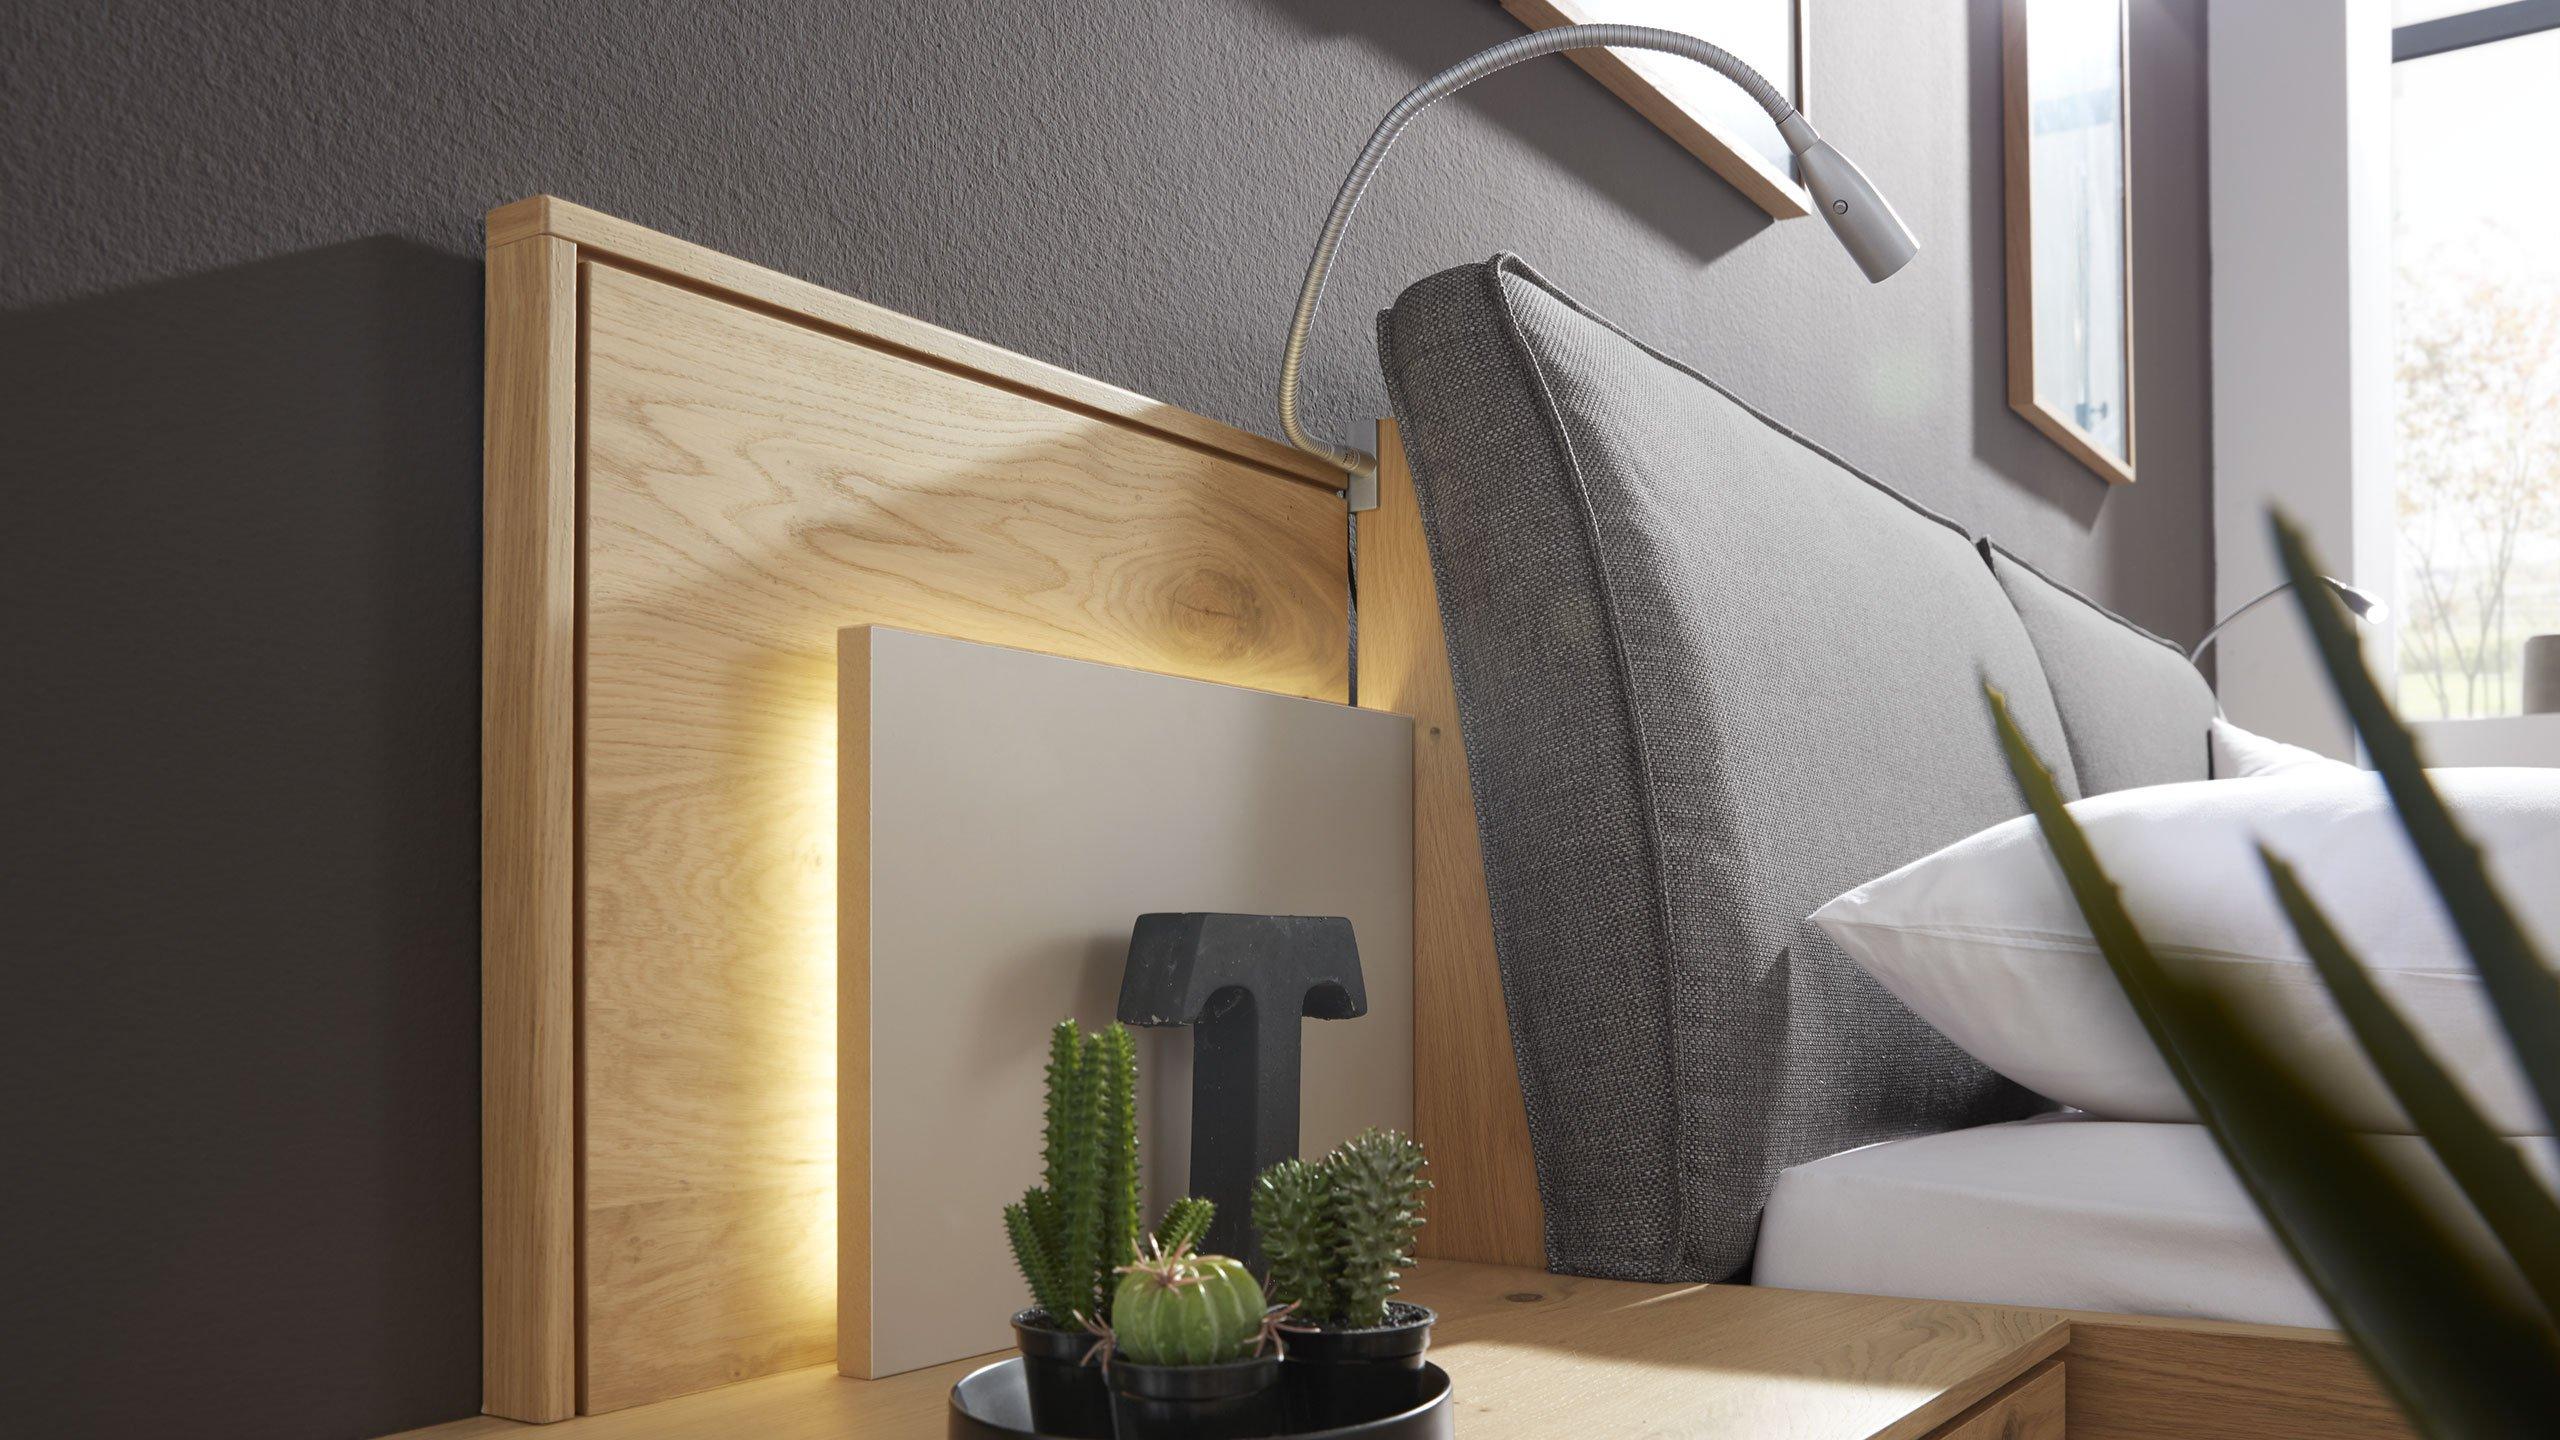 ruhe oase im schlafzimmer interliving. Black Bedroom Furniture Sets. Home Design Ideas